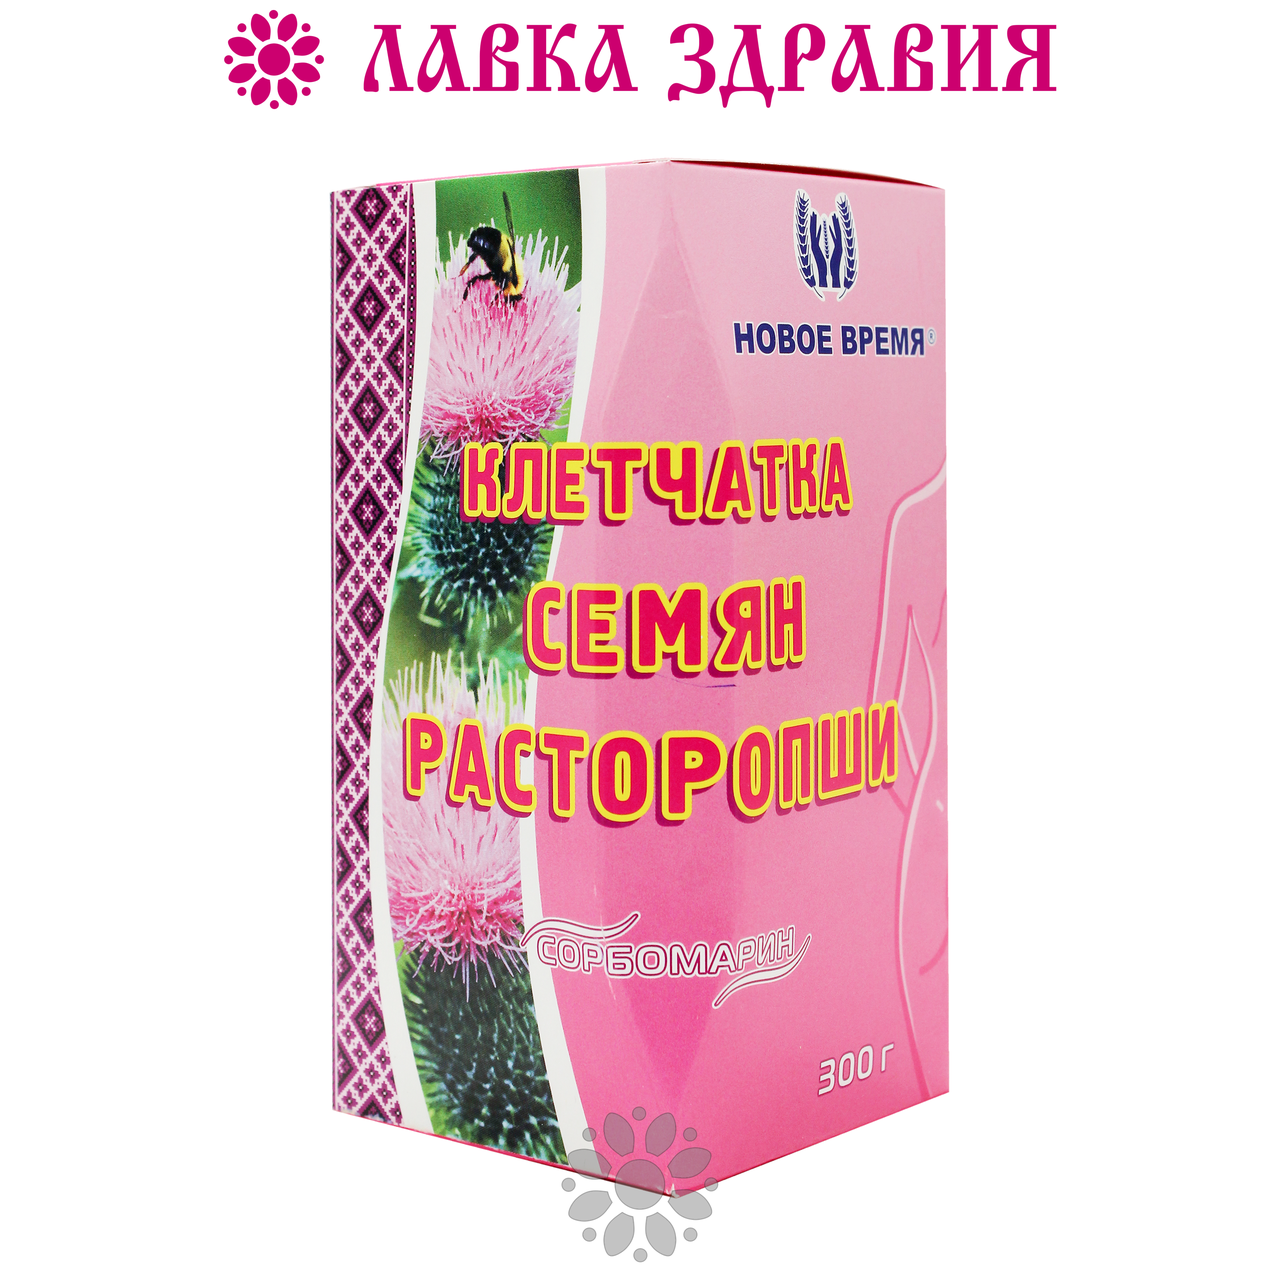 Клетчатка семян расторопши Сорбомарин, 300 г, Новое Время